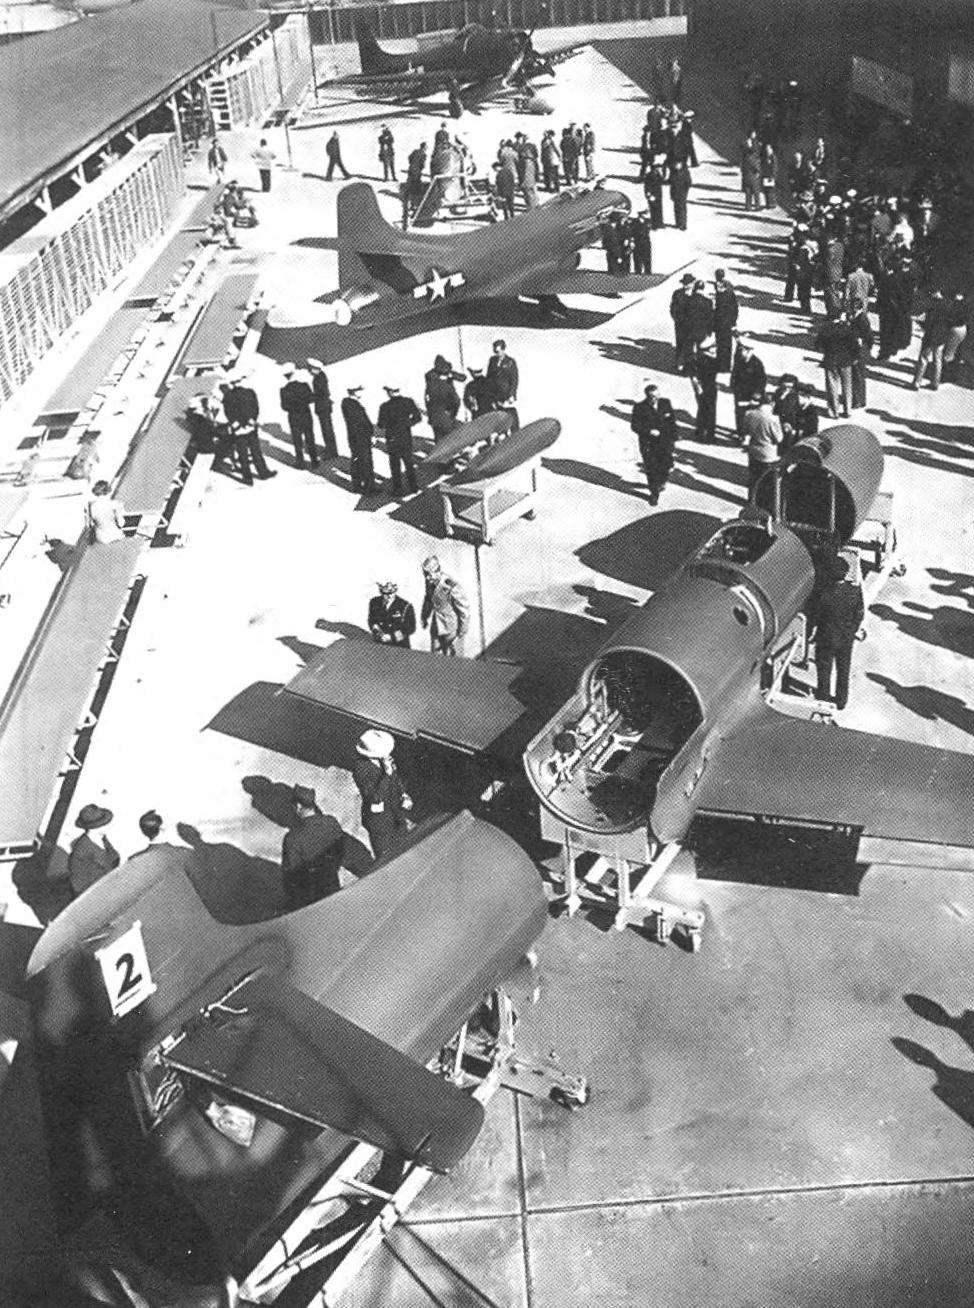 Демонстрация первых двух самолётов D-558-I представителям ВМС и NACA